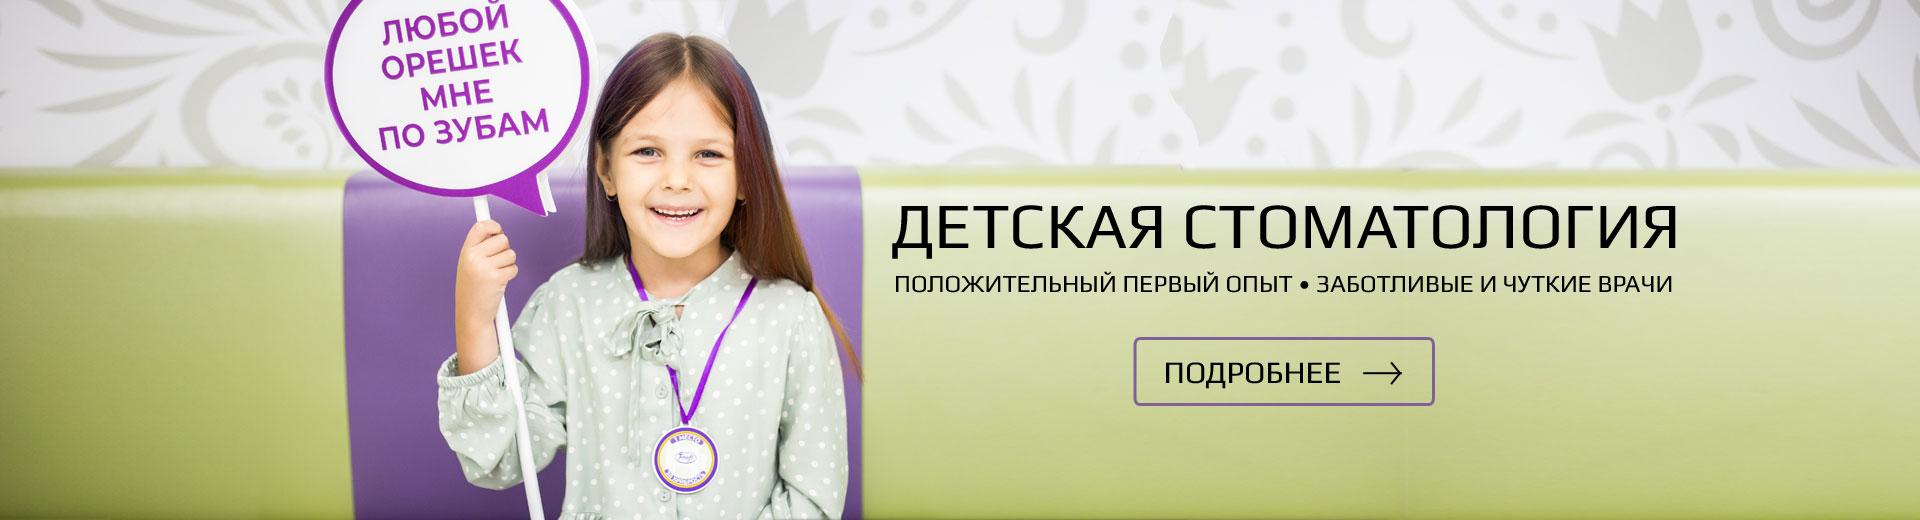 slide-detskaya0